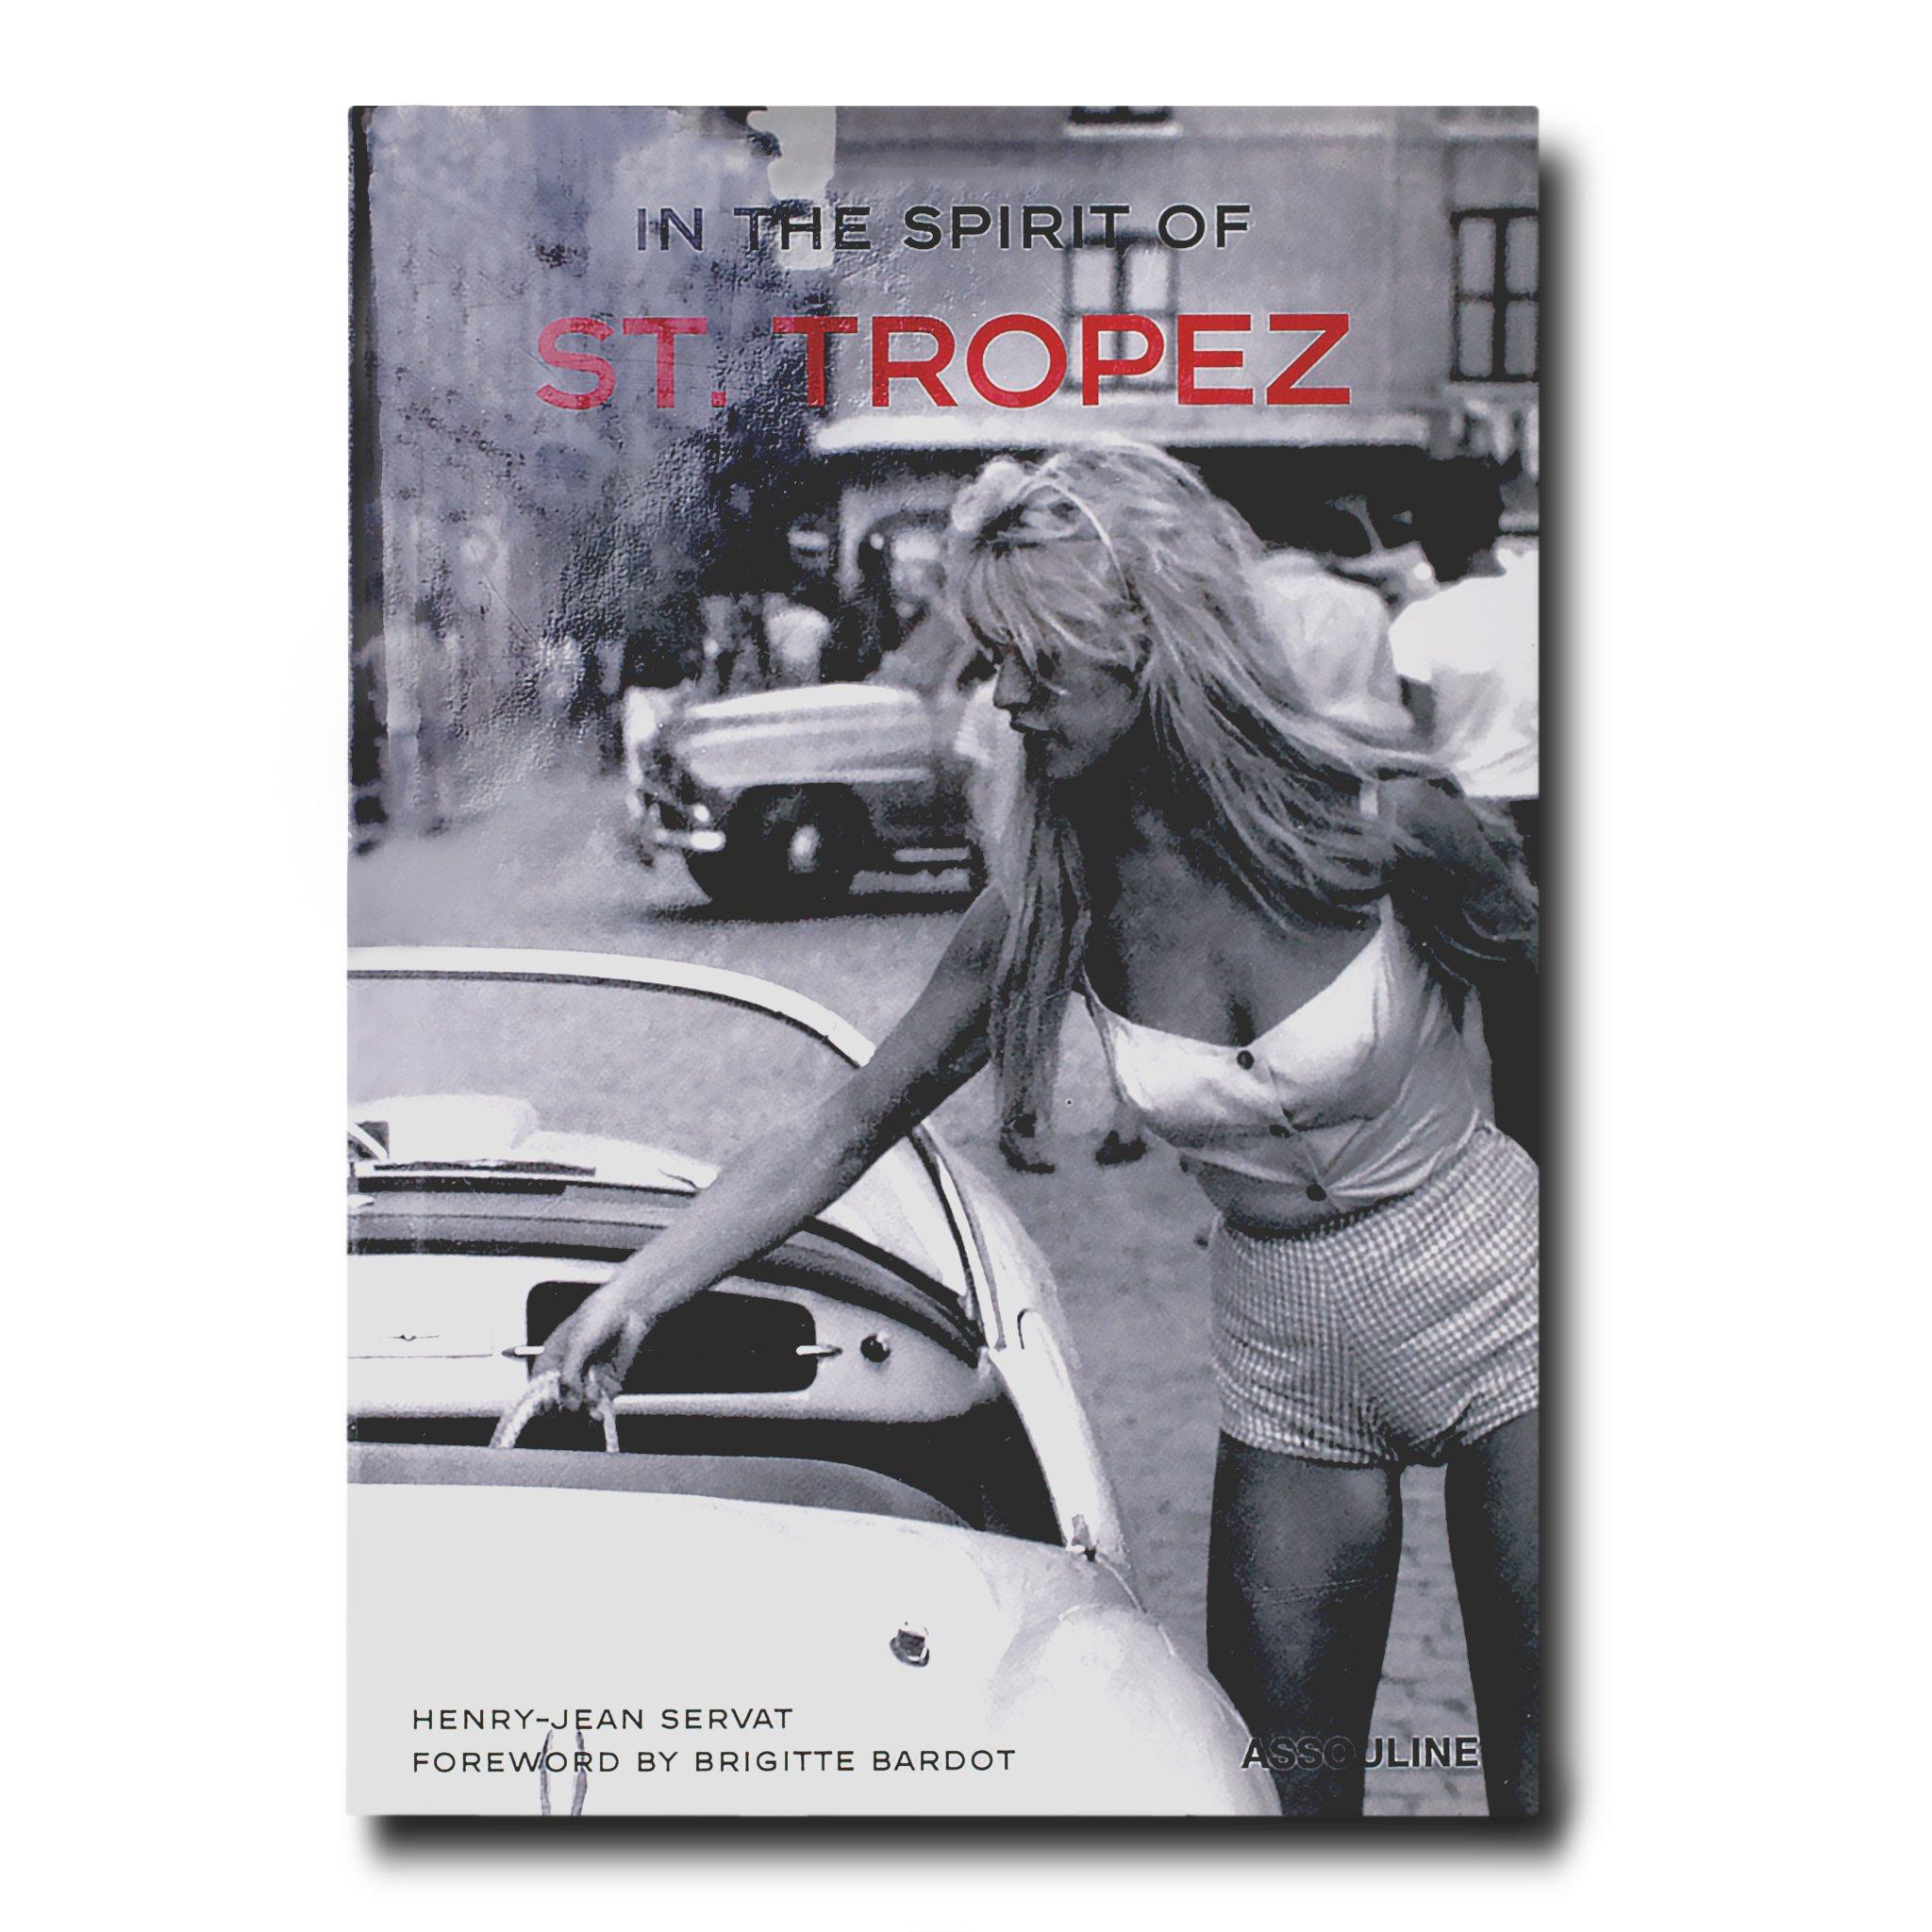 IN-THE-SPIRIT-OF-ST.-TROPEZ-A_2048x.jpg